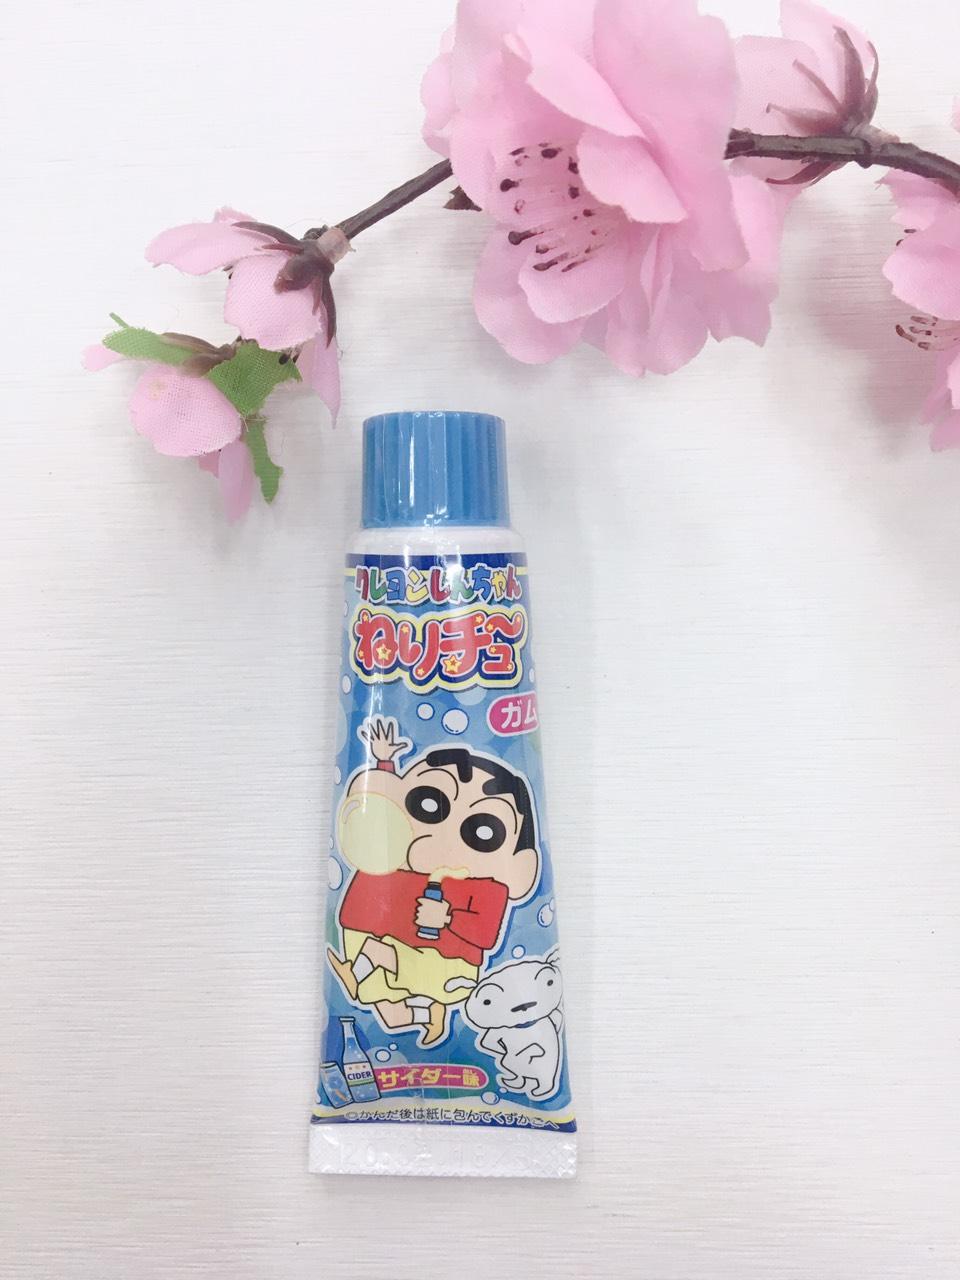 Kẹo sigum kem đánh răng màu xanh (Vị Cider) - Hàng Nhật nội địa